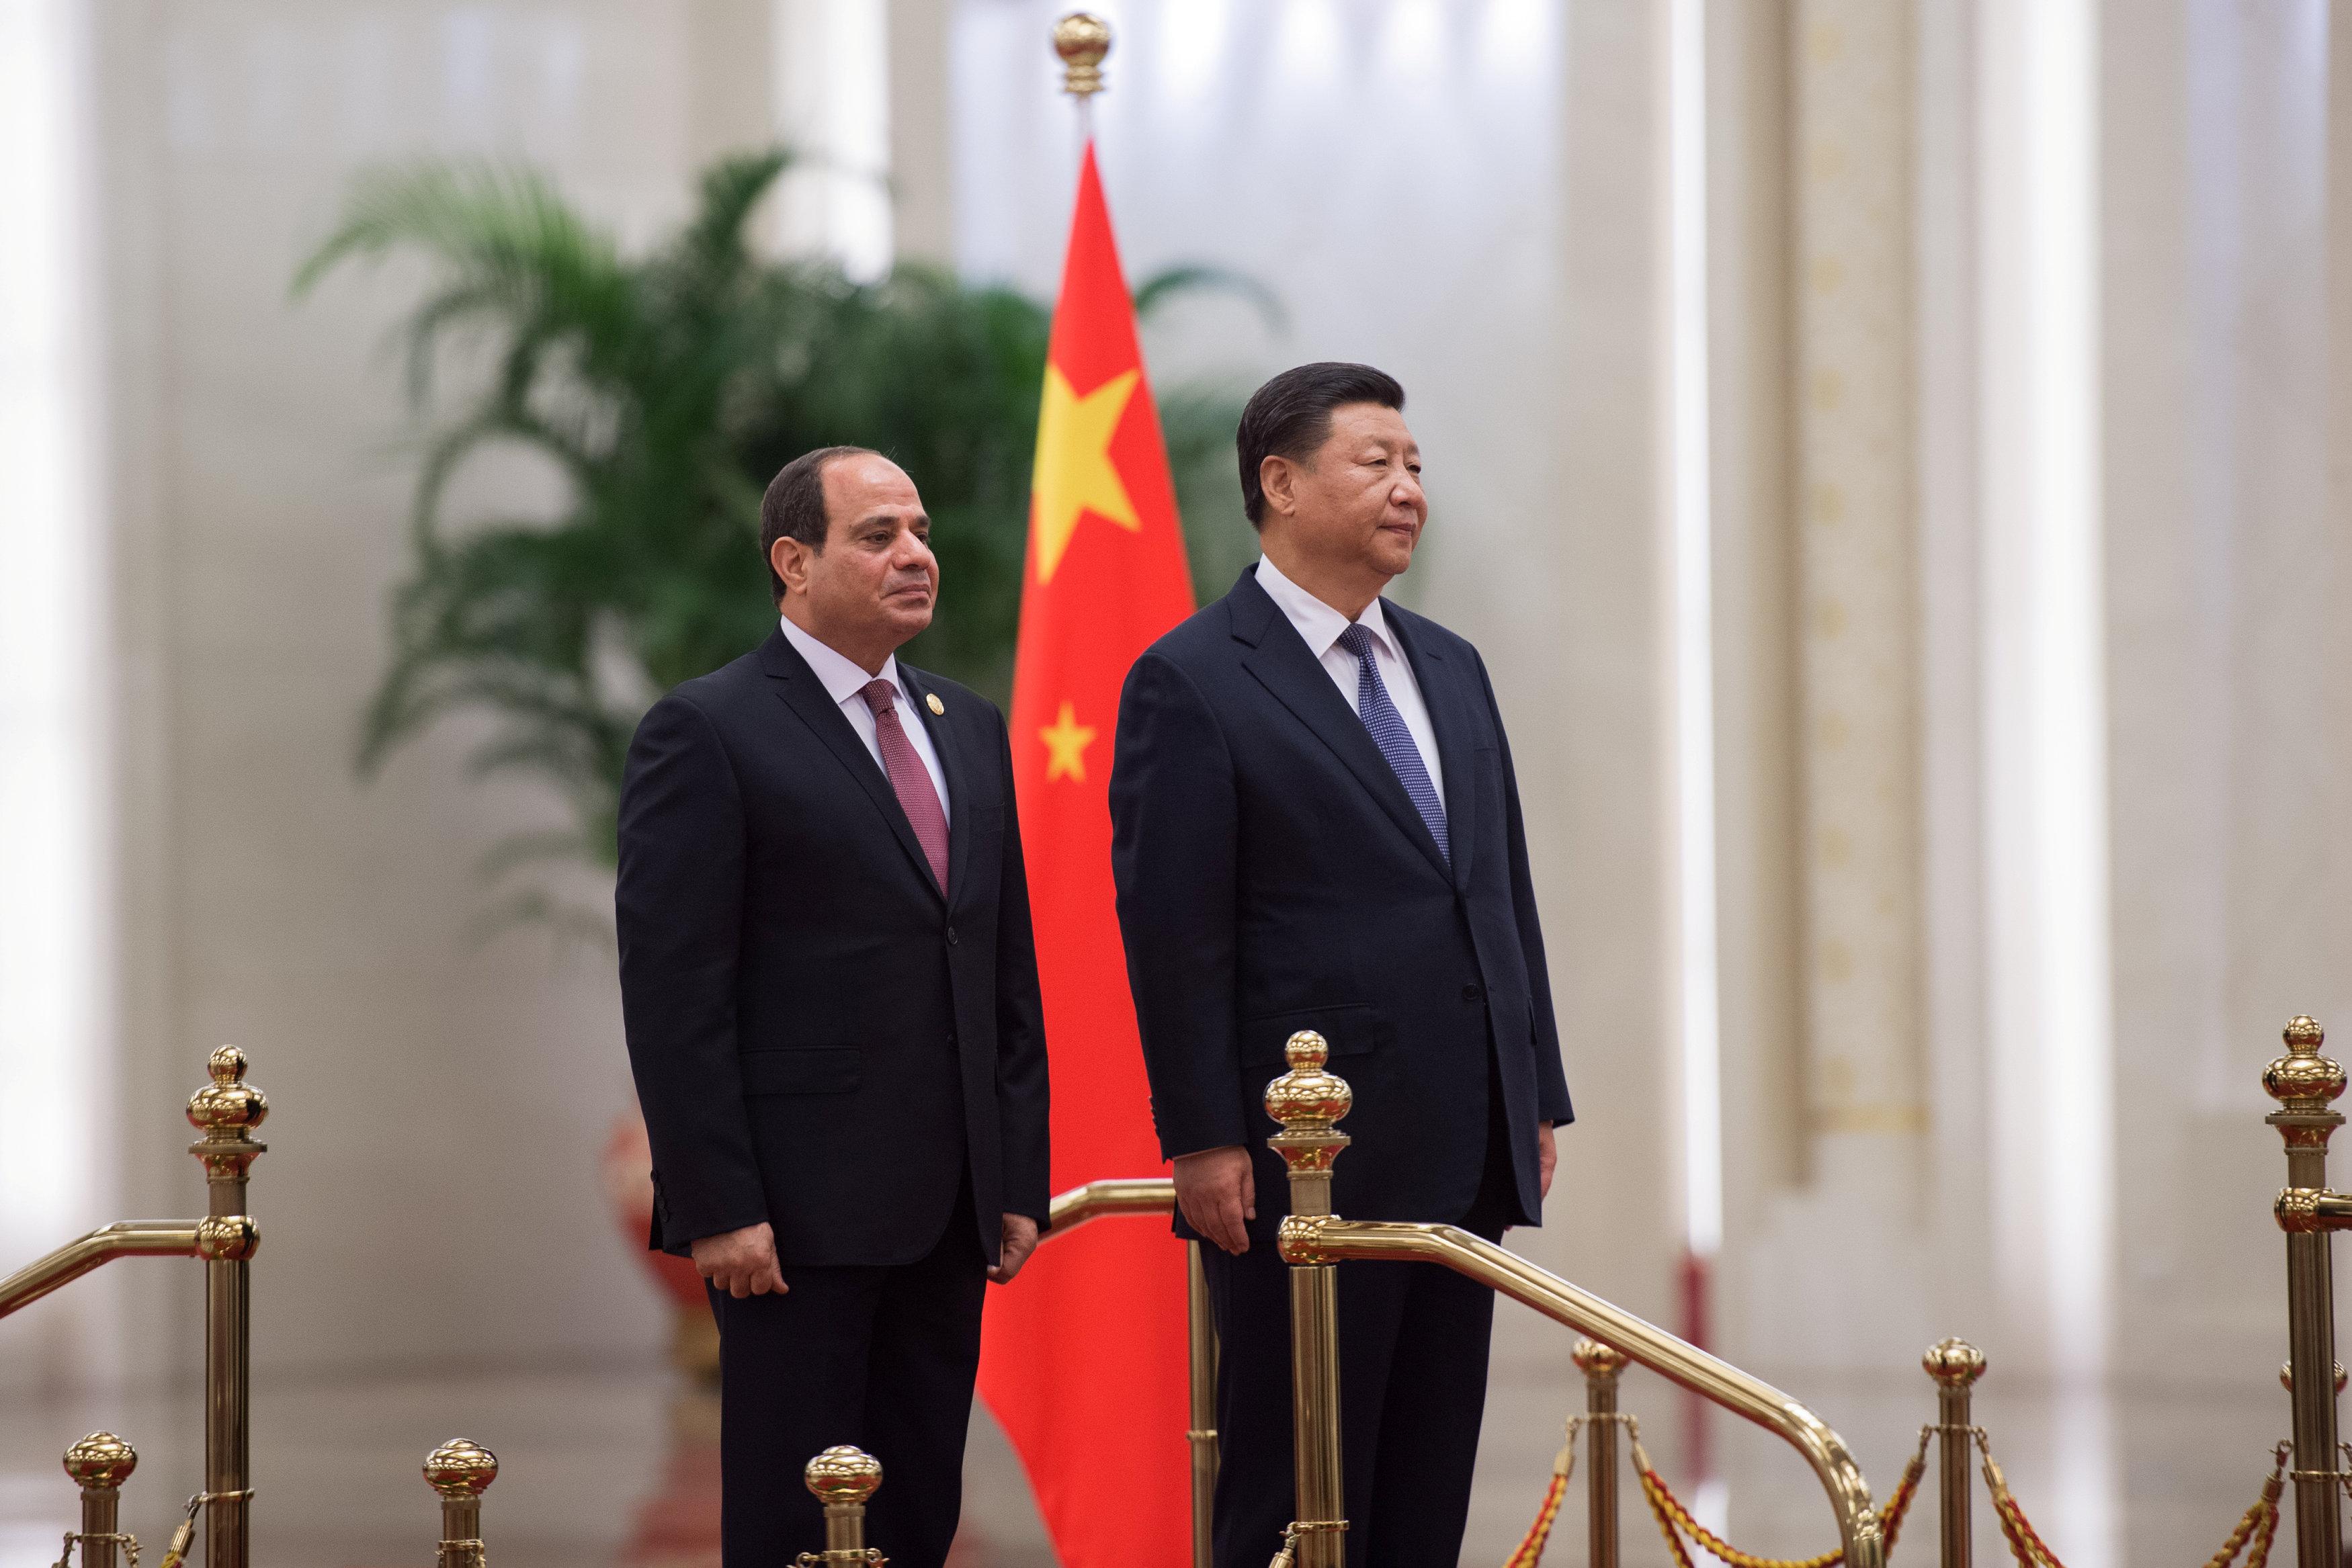 مراسم استقبال رسمية للسيسى فى بكين  (8)